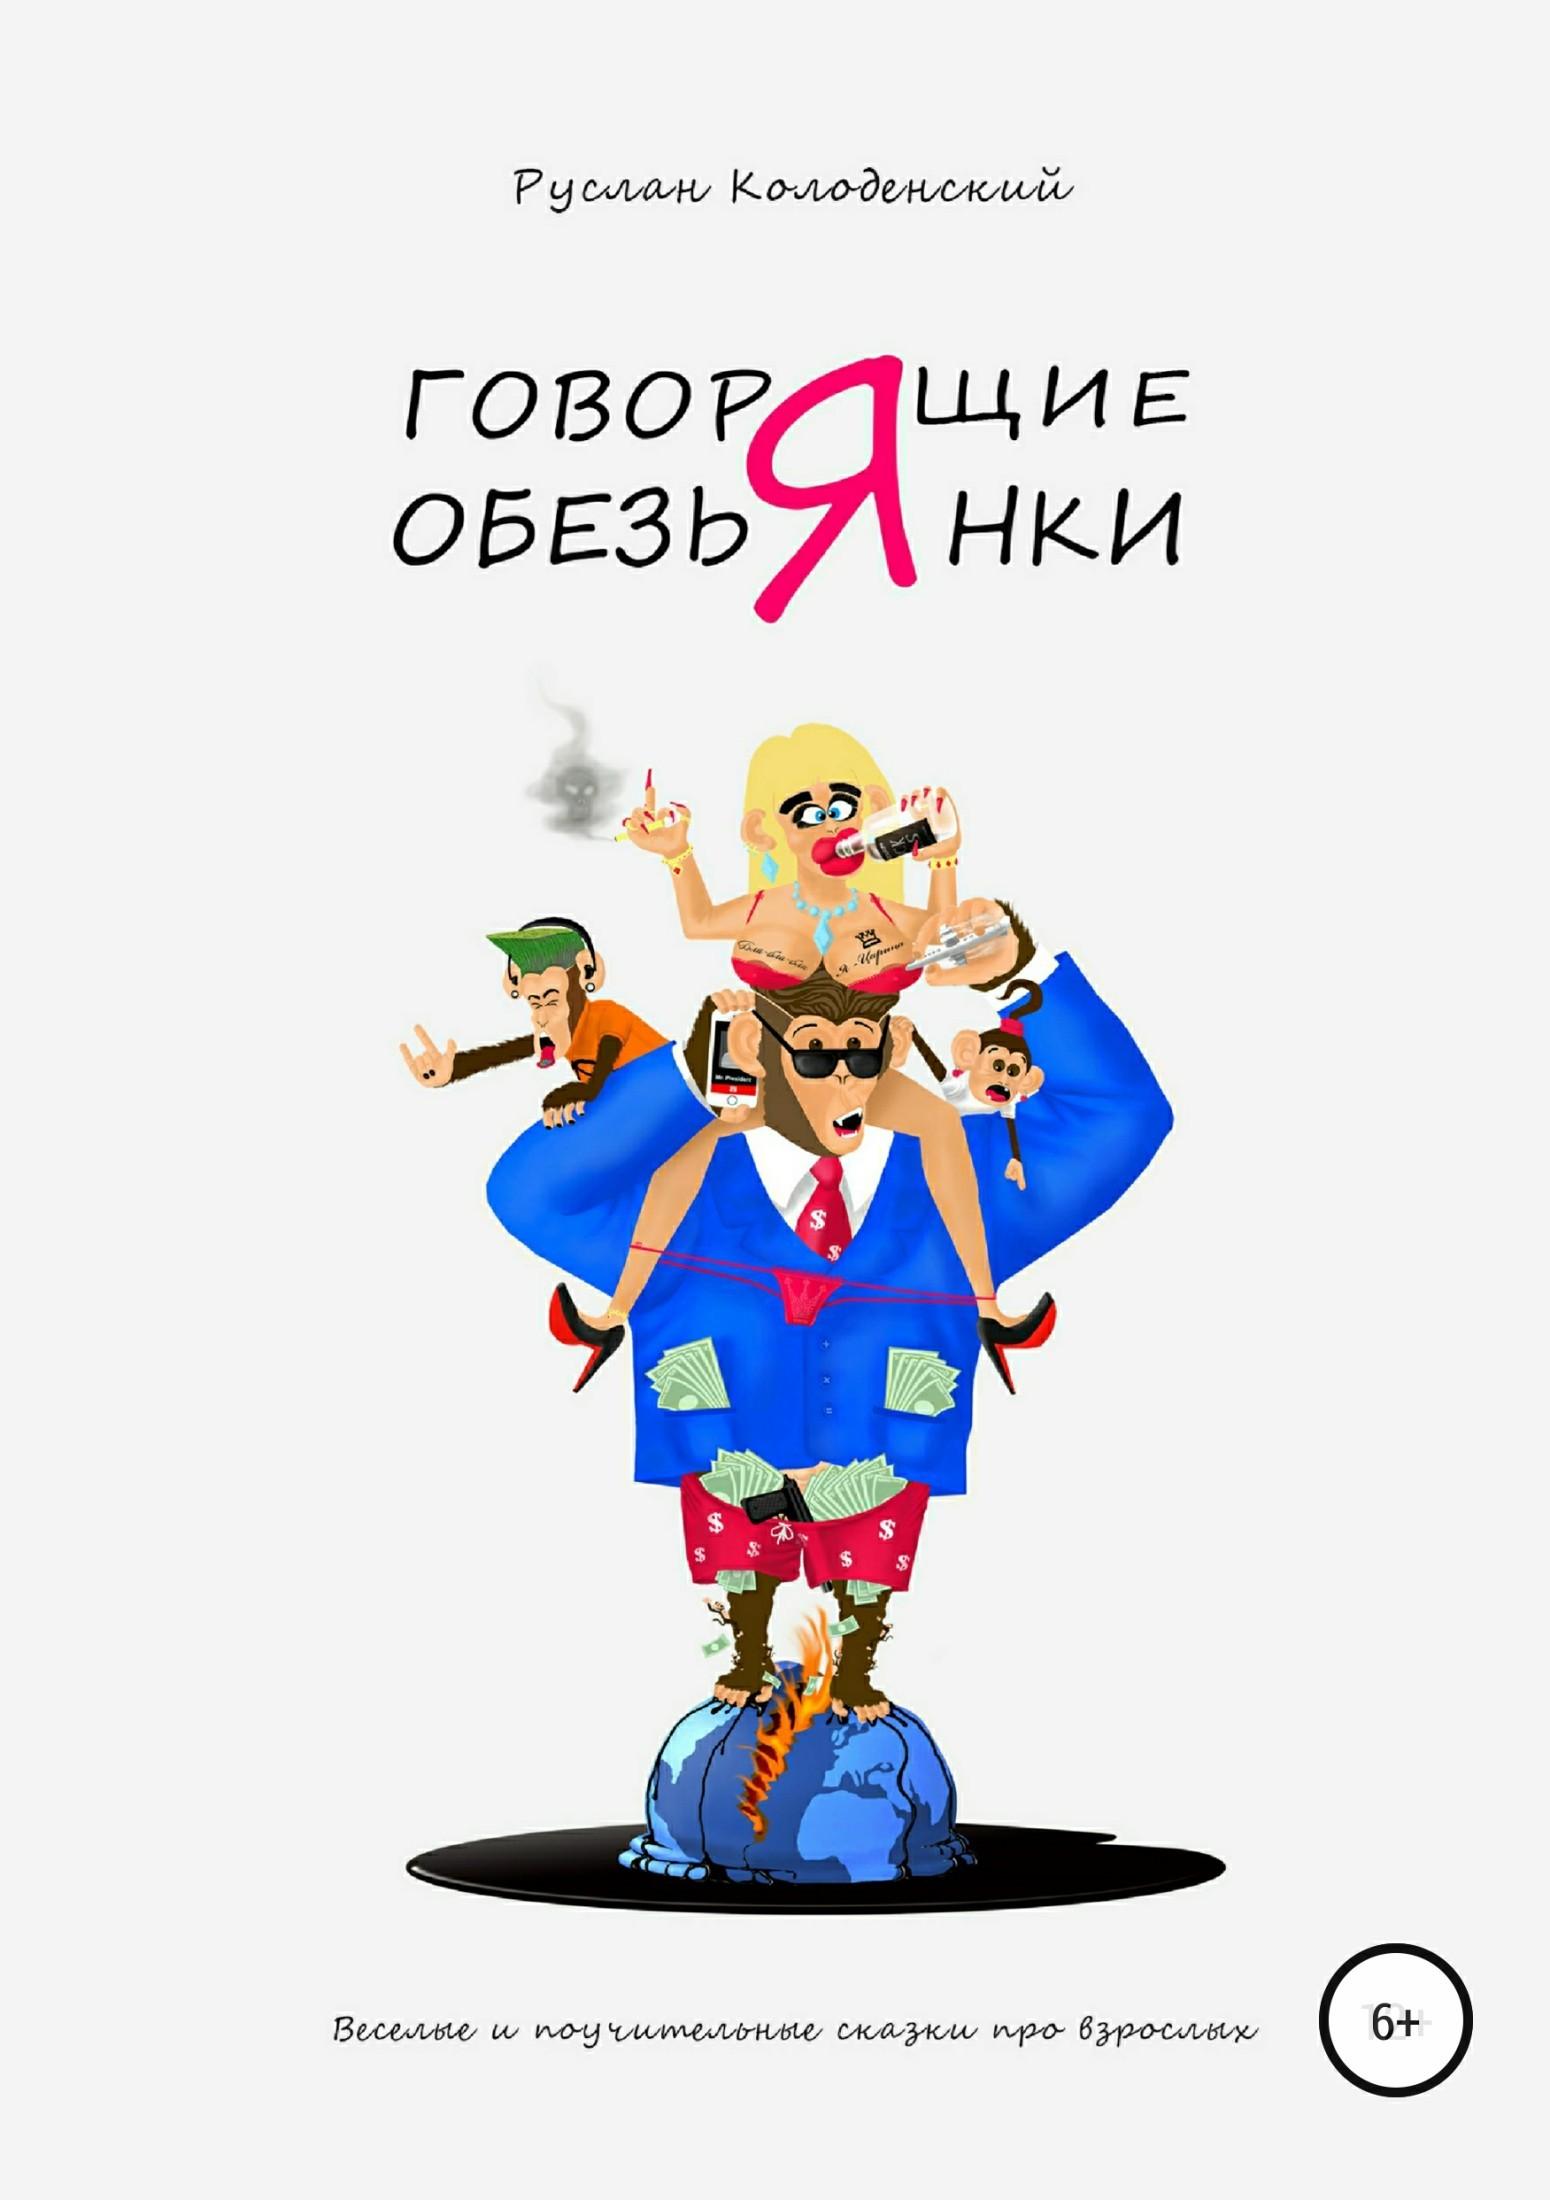 Руслан Колоденский. Говорящие обезьянки. Весёлые и поучительные сказки про взрослых